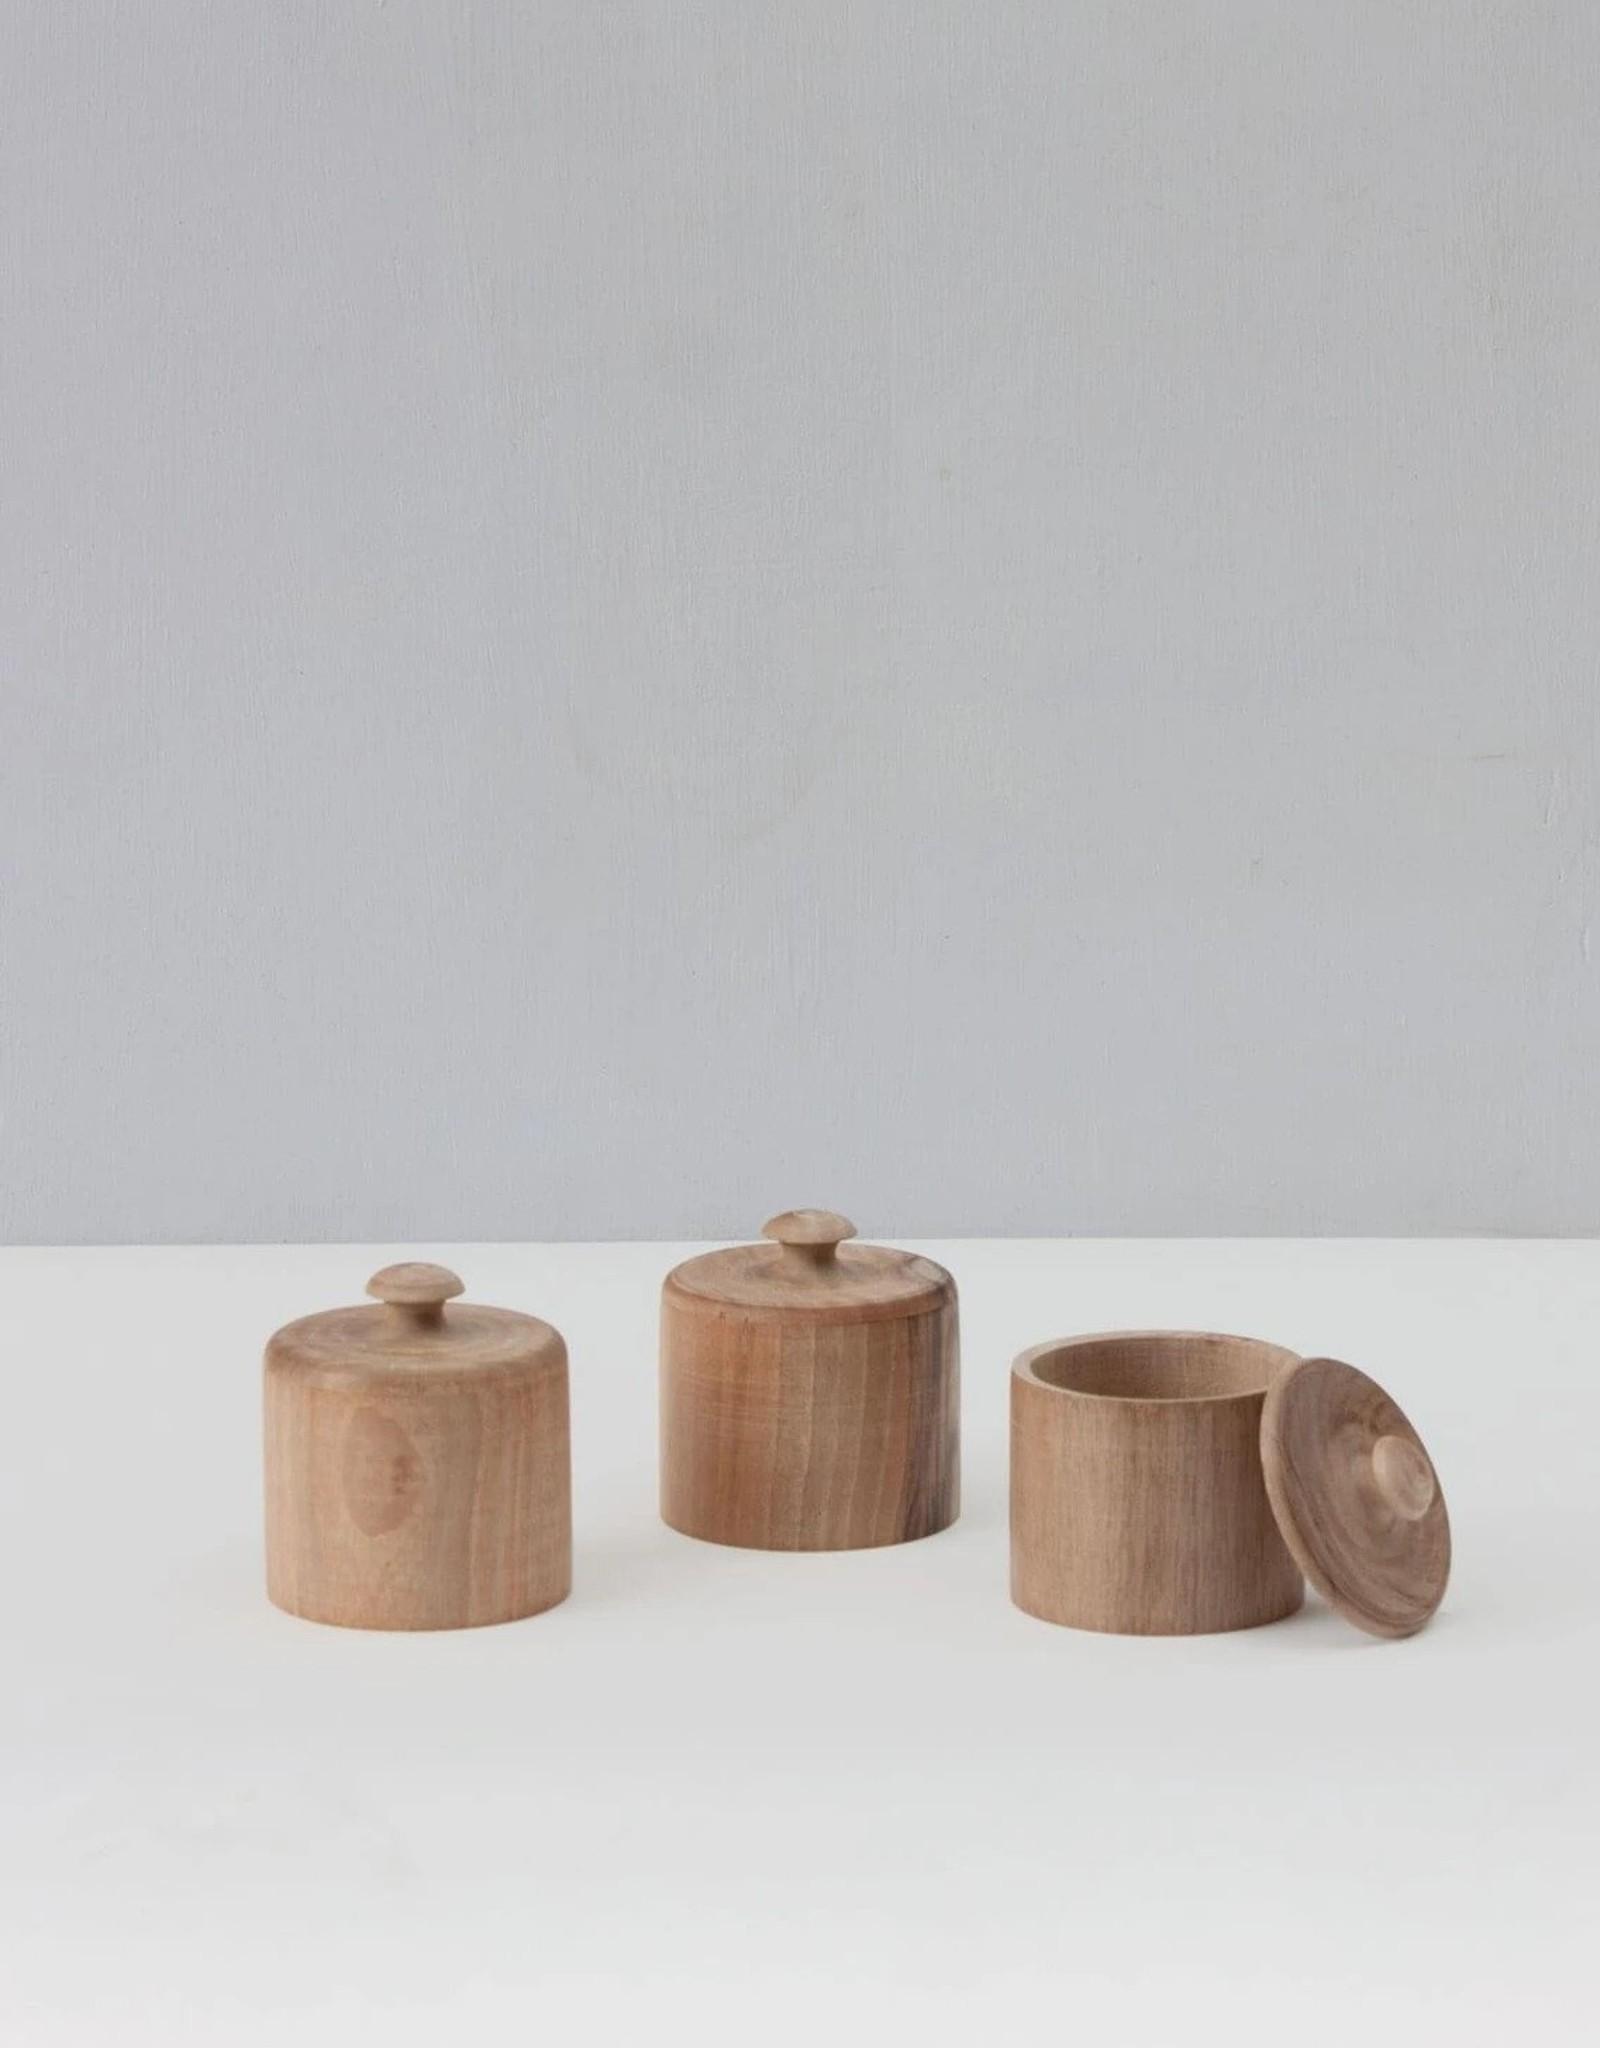 Walnut Wood Lidded Pot